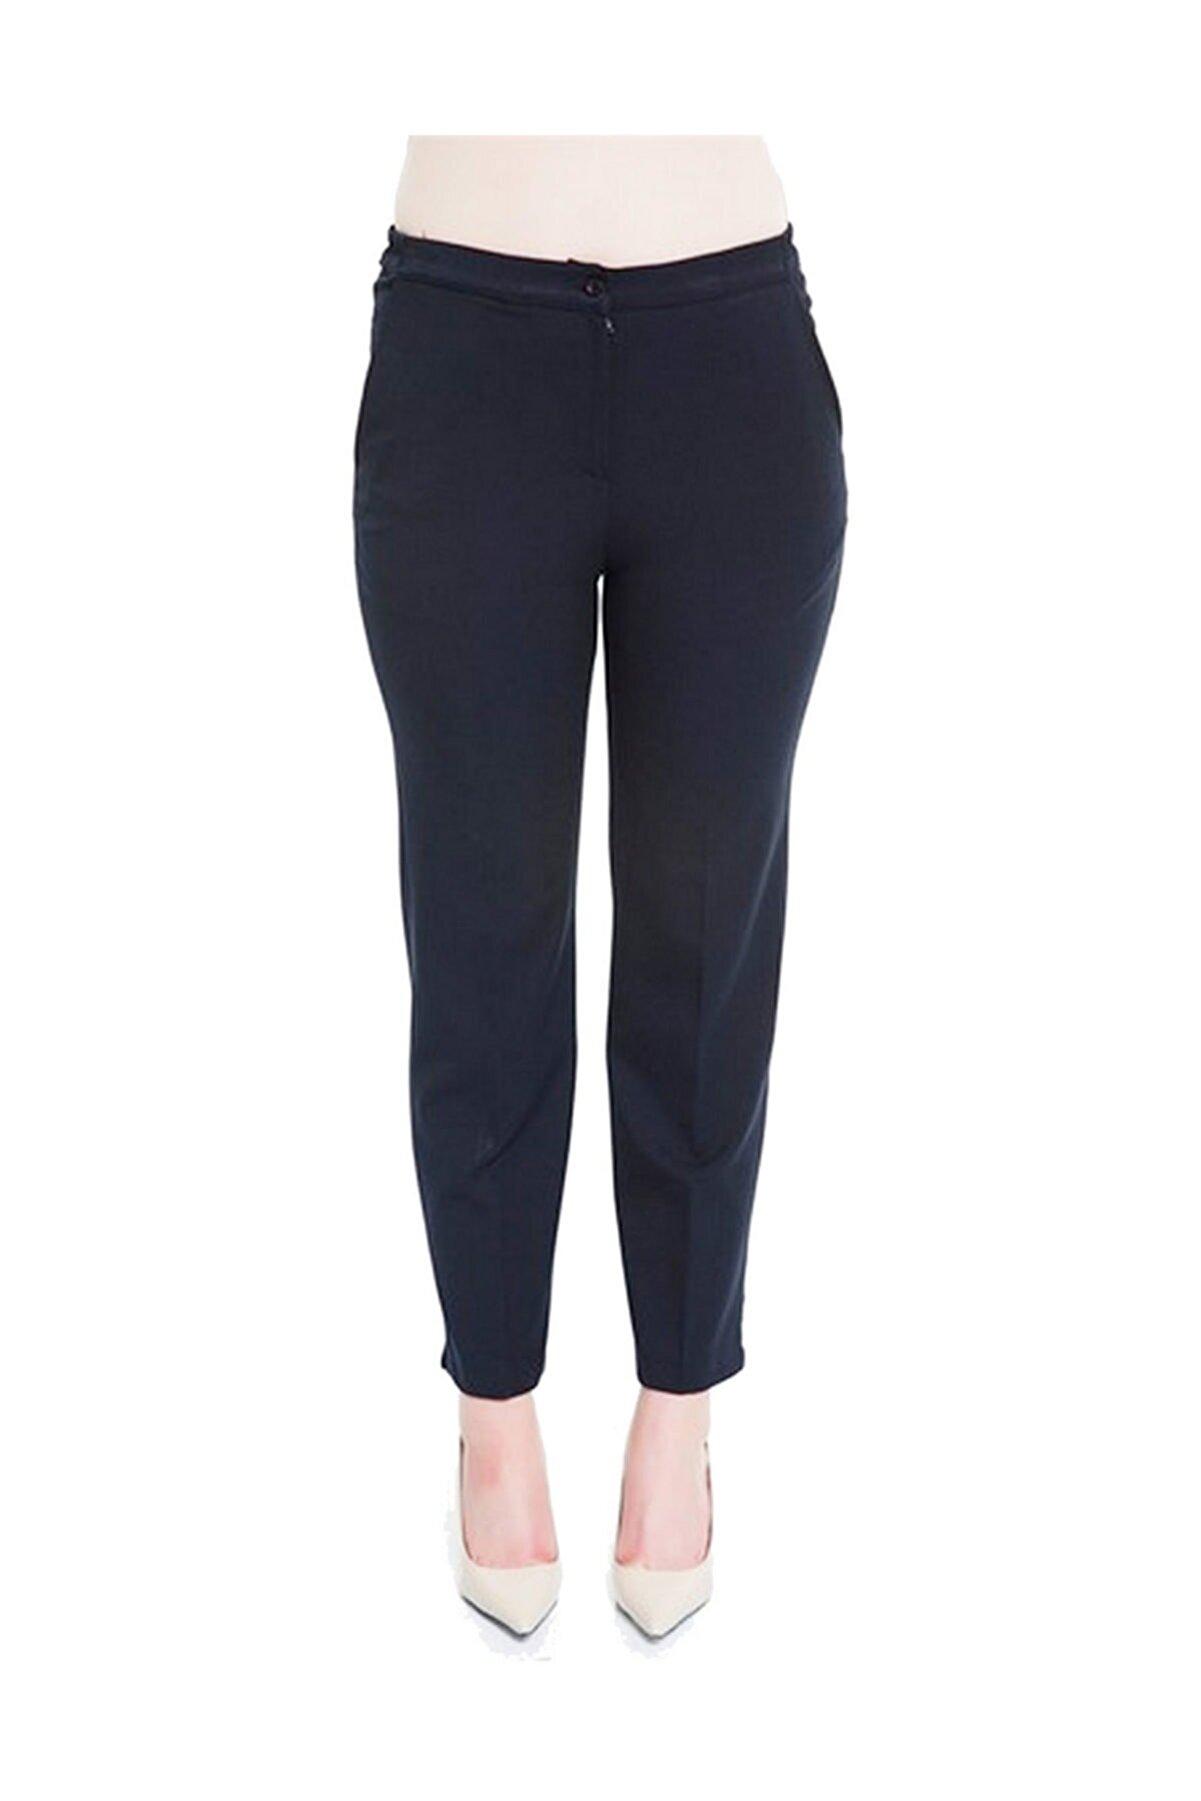 Günay Kadın Lacivert Pantolon 44213200002102